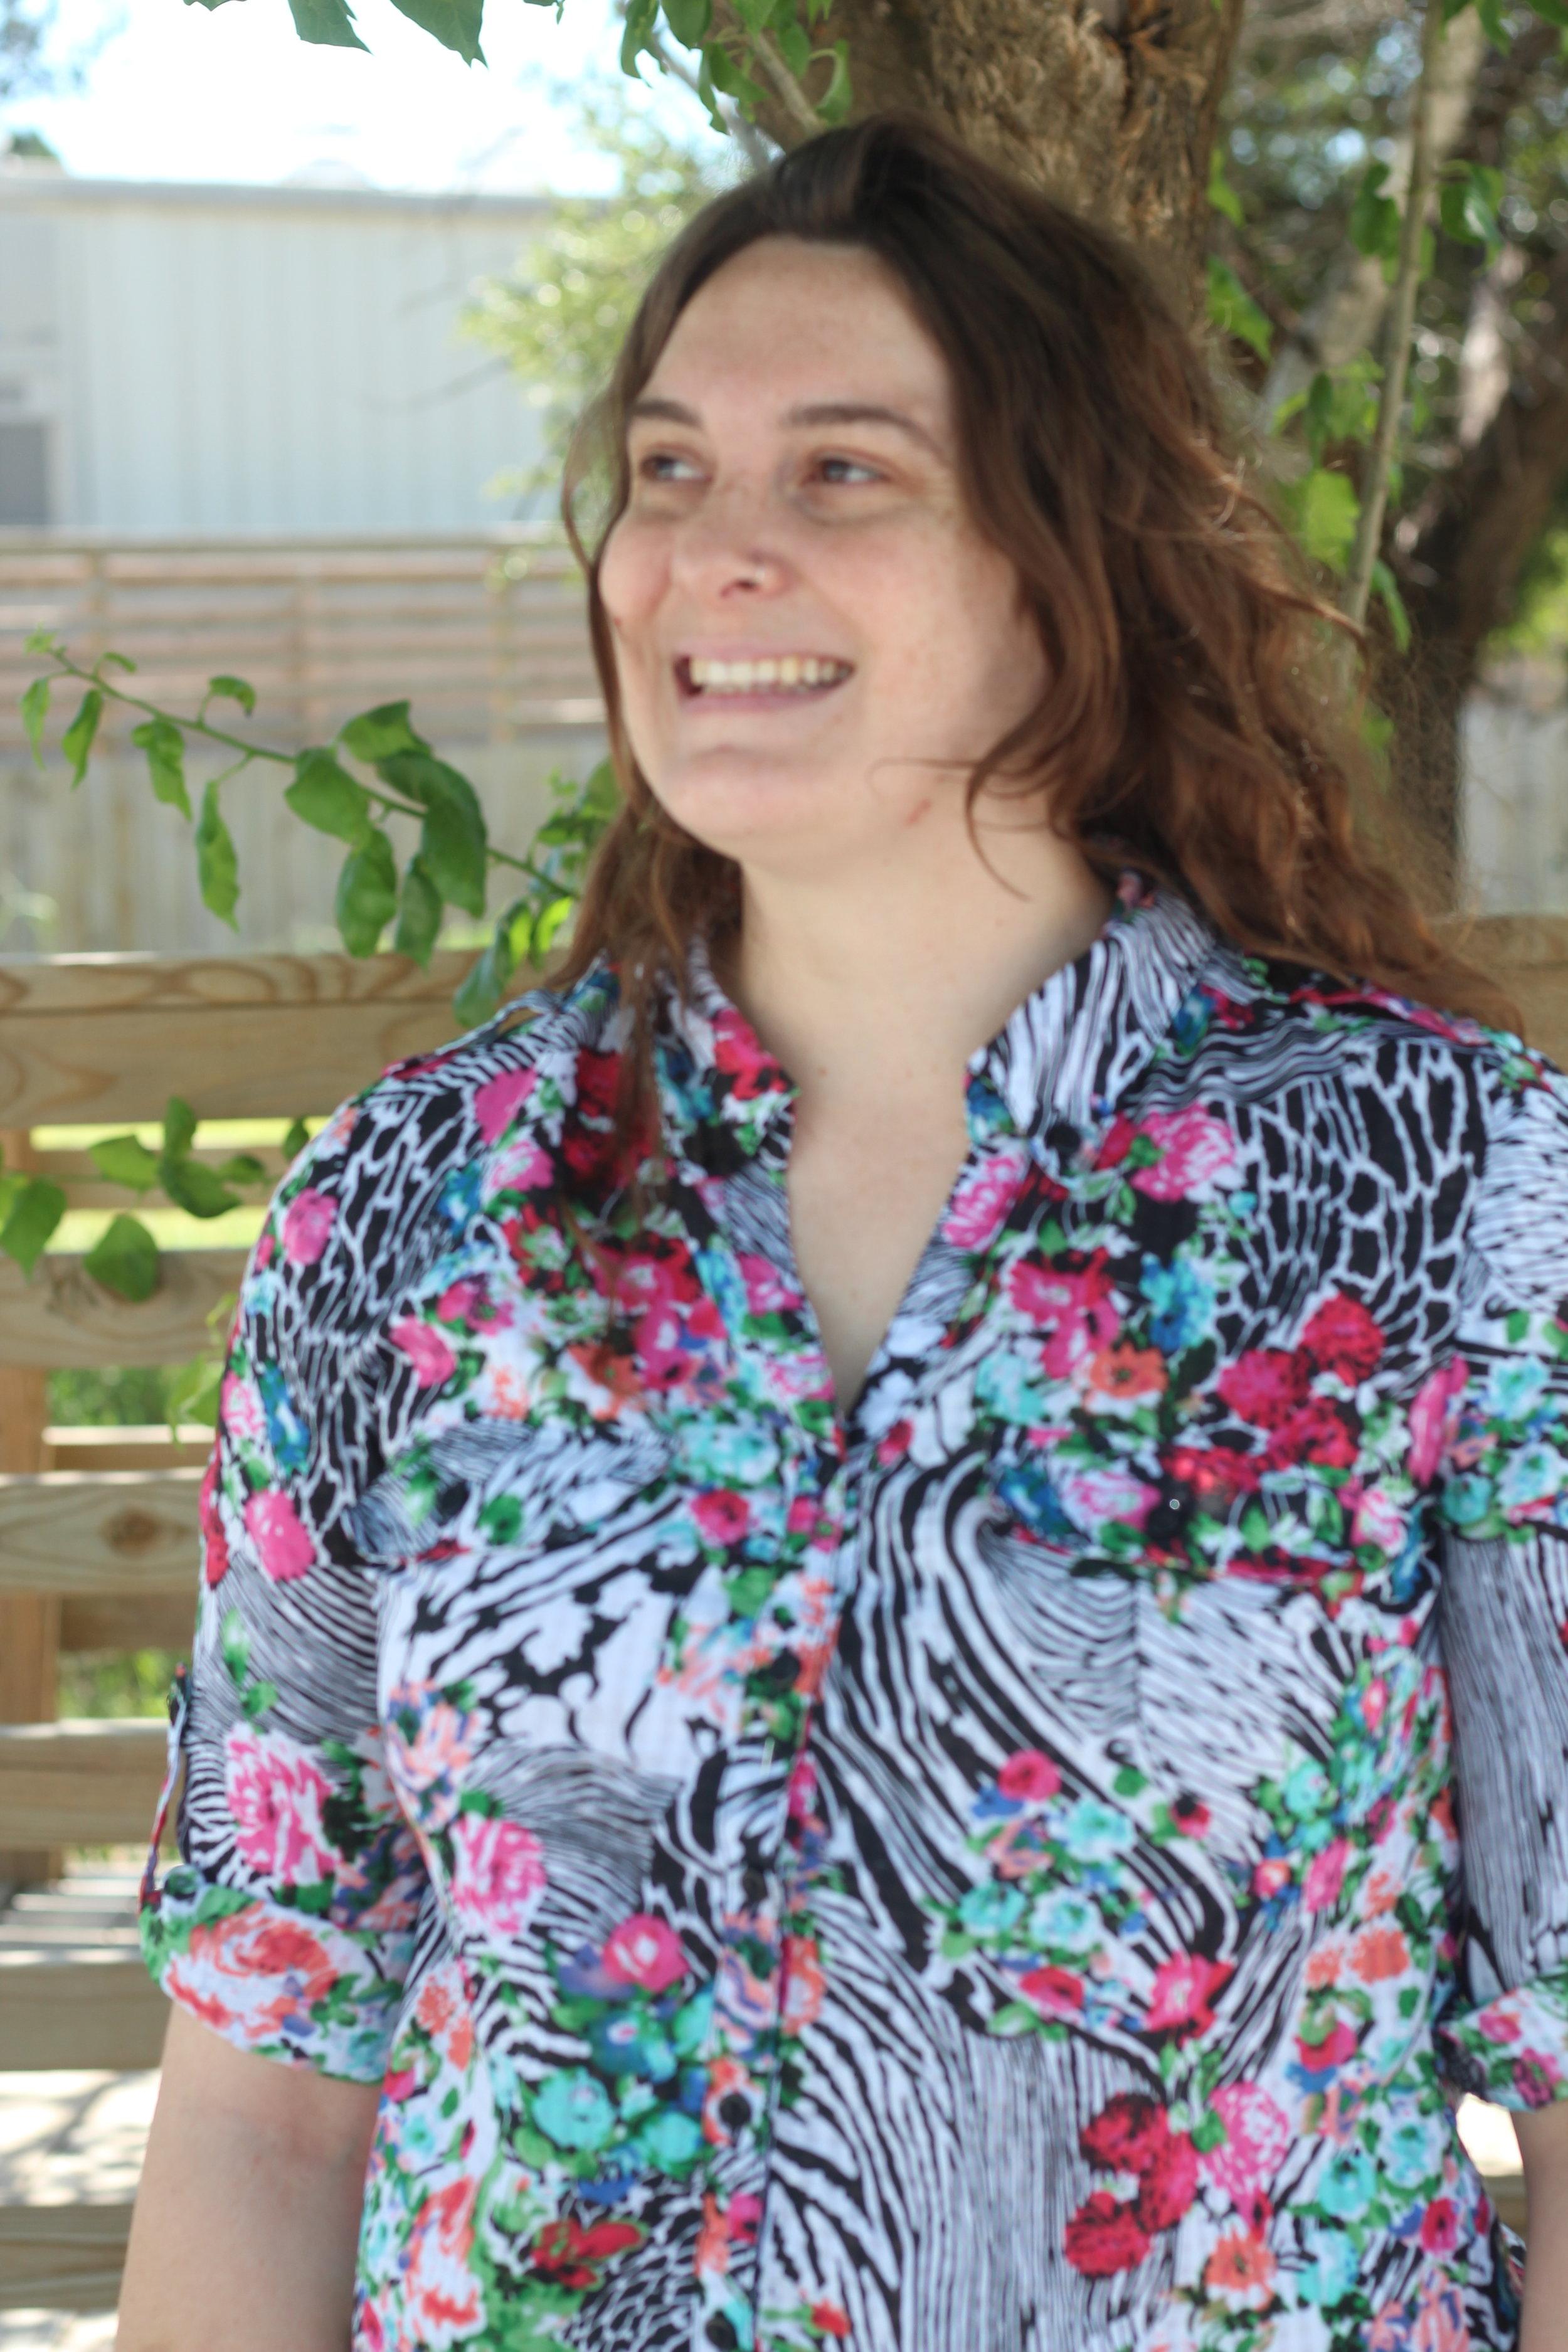 SARAH BROWN